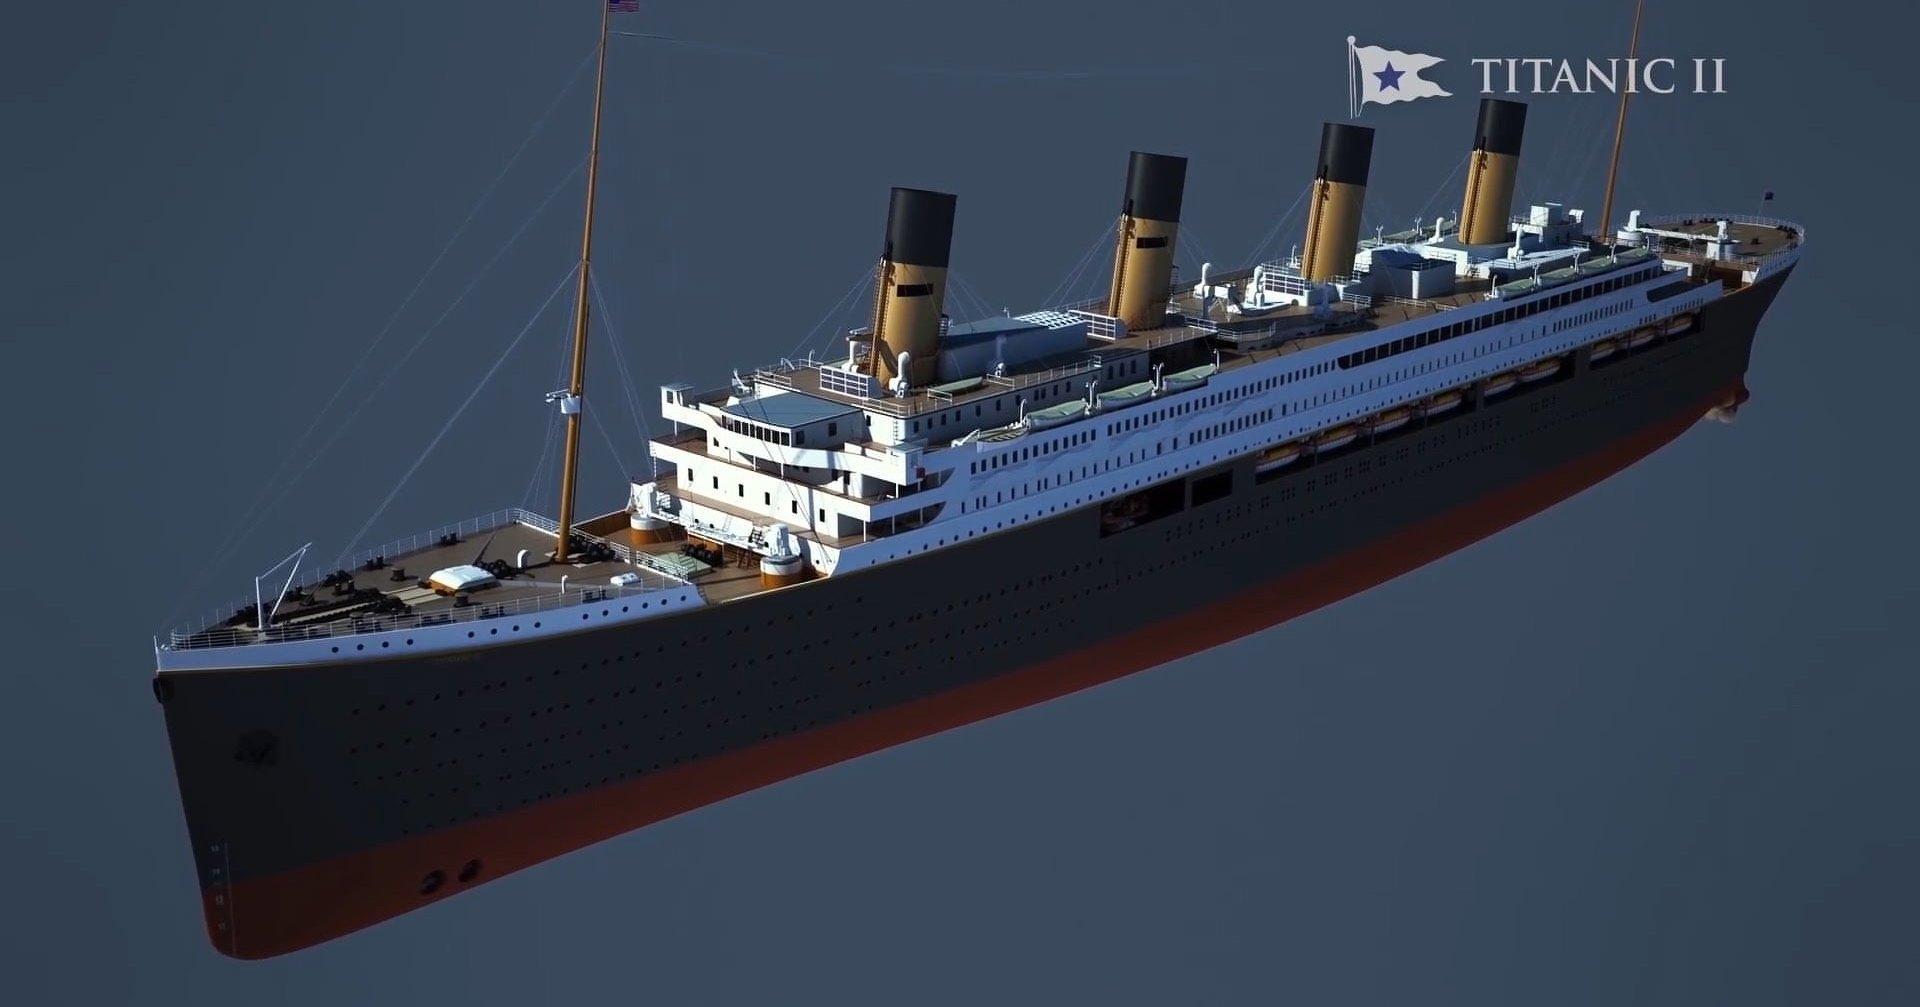 такие новый корабль титаник картинки больше